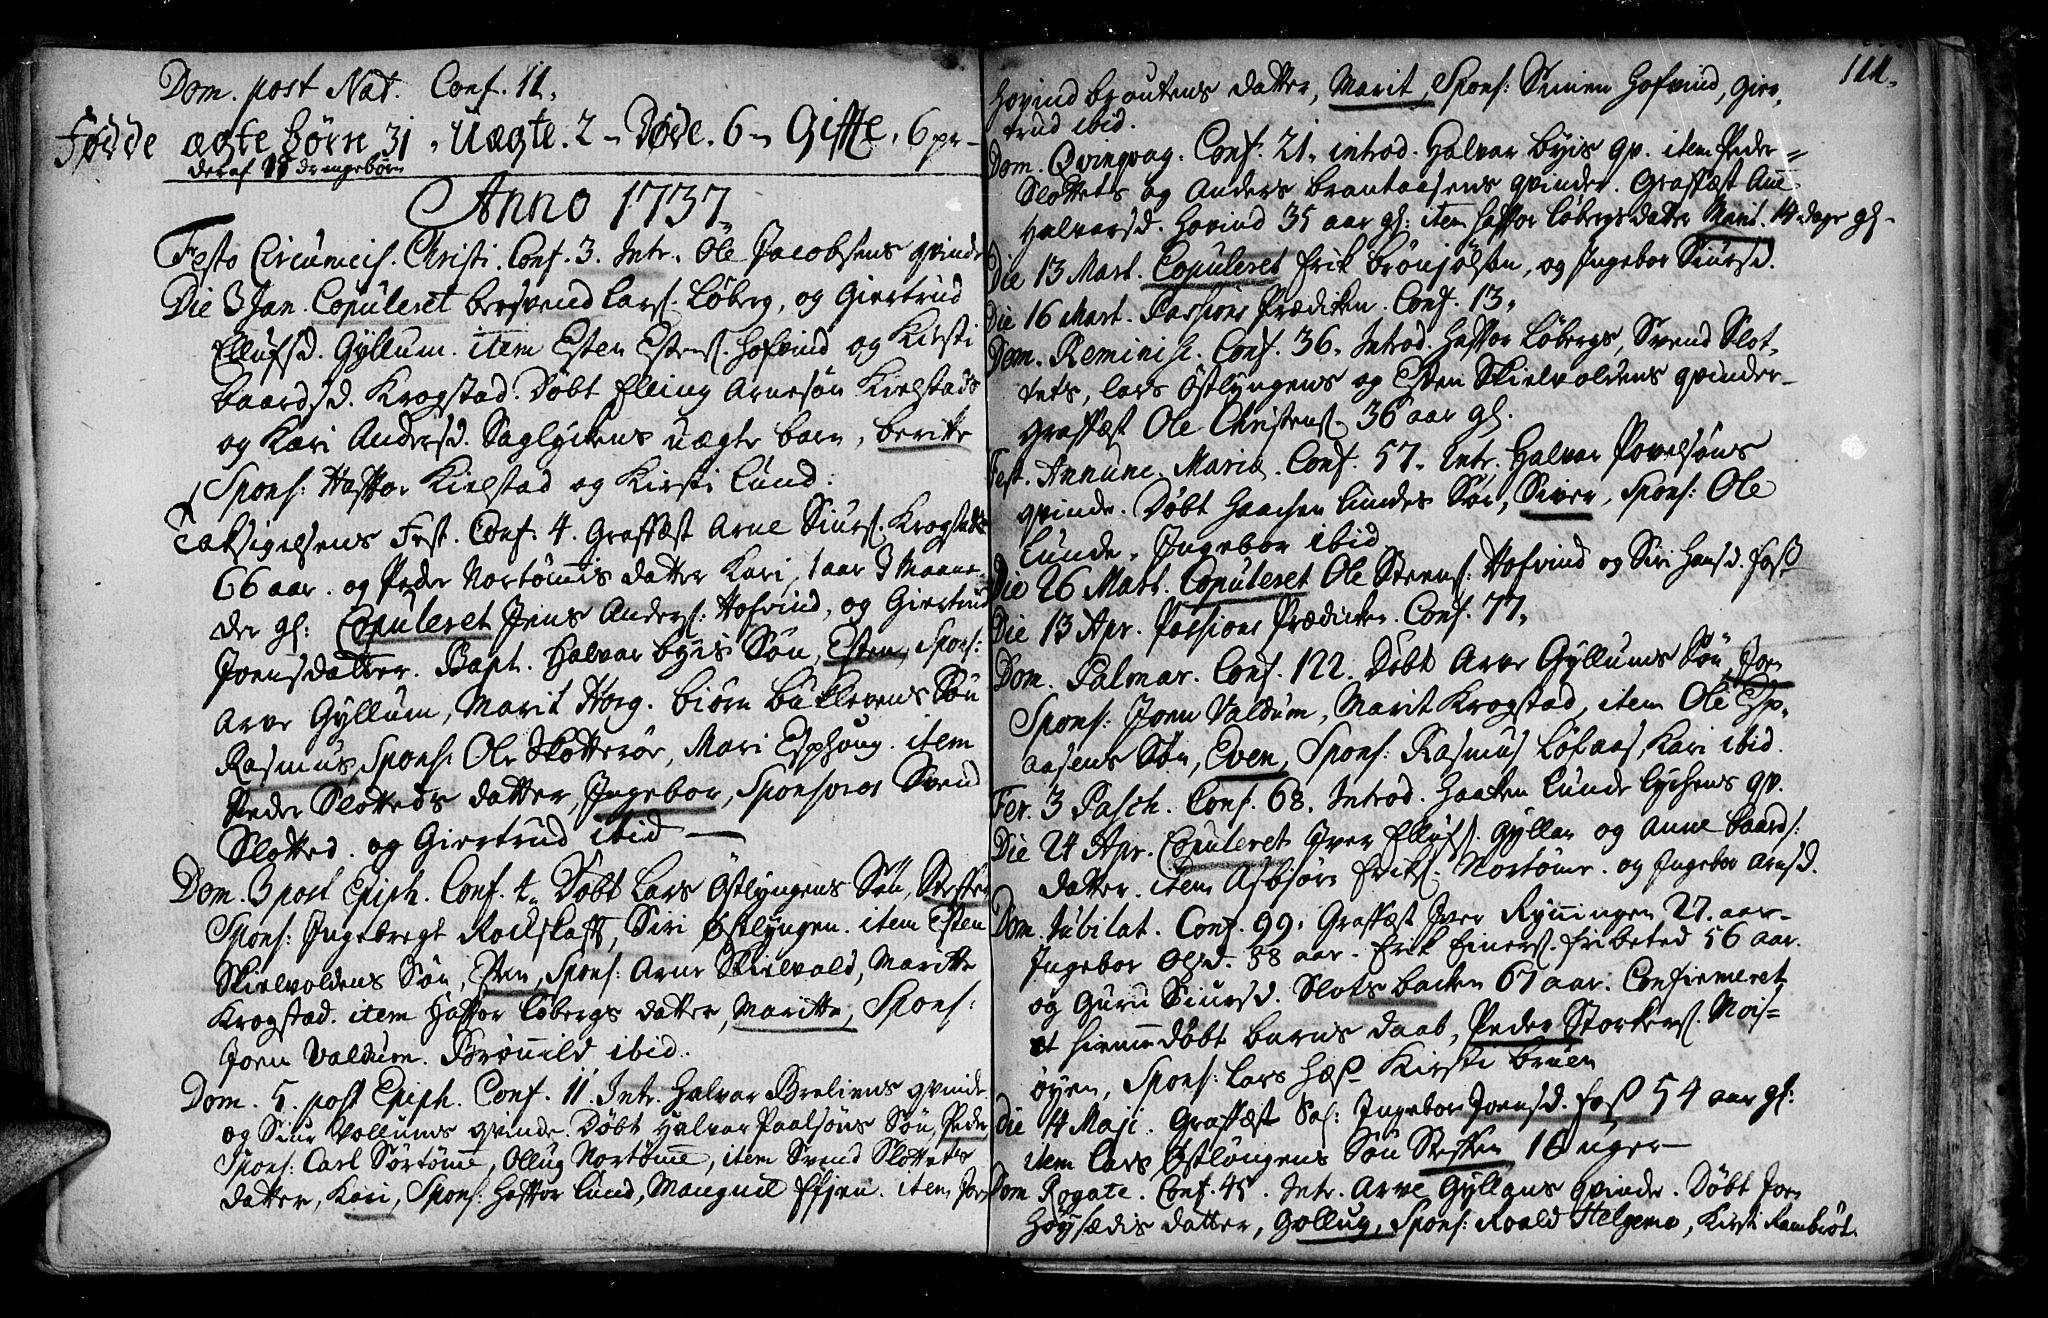 SAT, Ministerialprotokoller, klokkerbøker og fødselsregistre - Sør-Trøndelag, 692/L1101: Ministerialbok nr. 692A01, 1690-1746, s. 111